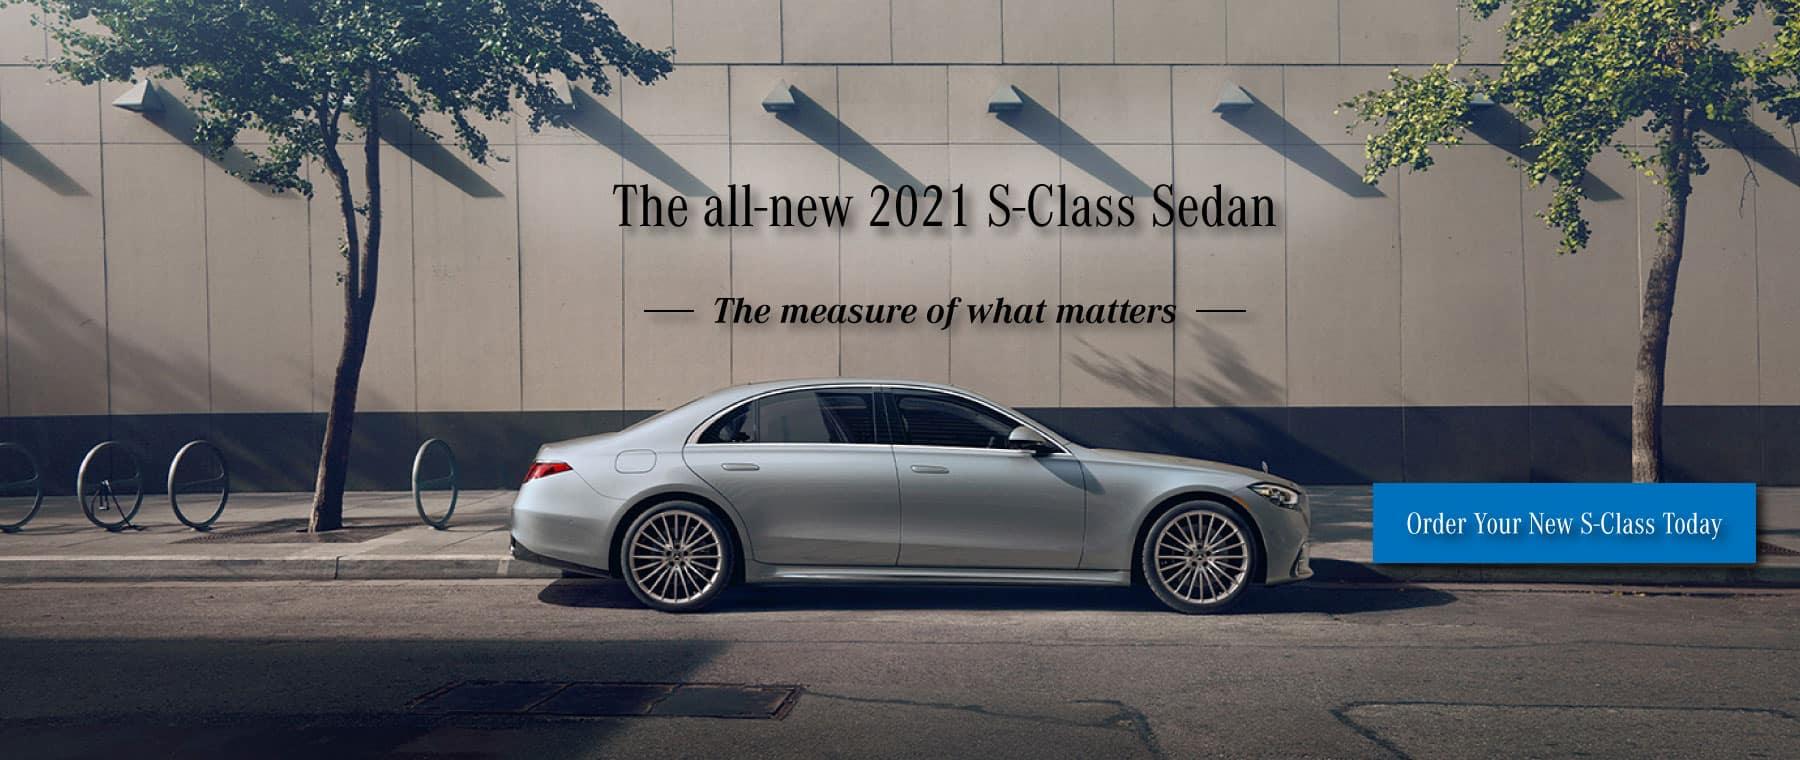 Mercedes-Benz of chantilly 2021 s-class sedan